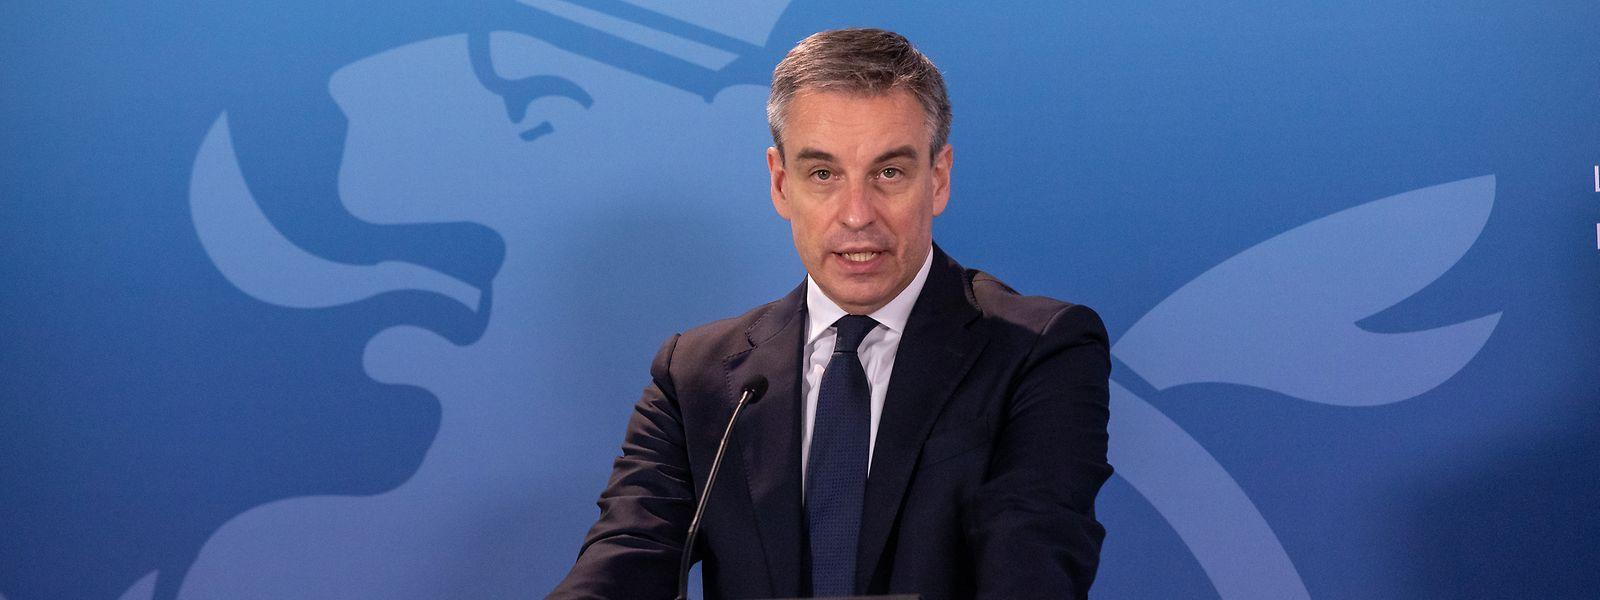 Bildungsminister Claude Meisch (DP) hat den Streit mit der CGFP über die Privatisierungstendenzen in der öffentlichen Schule vorerst beigelegt.